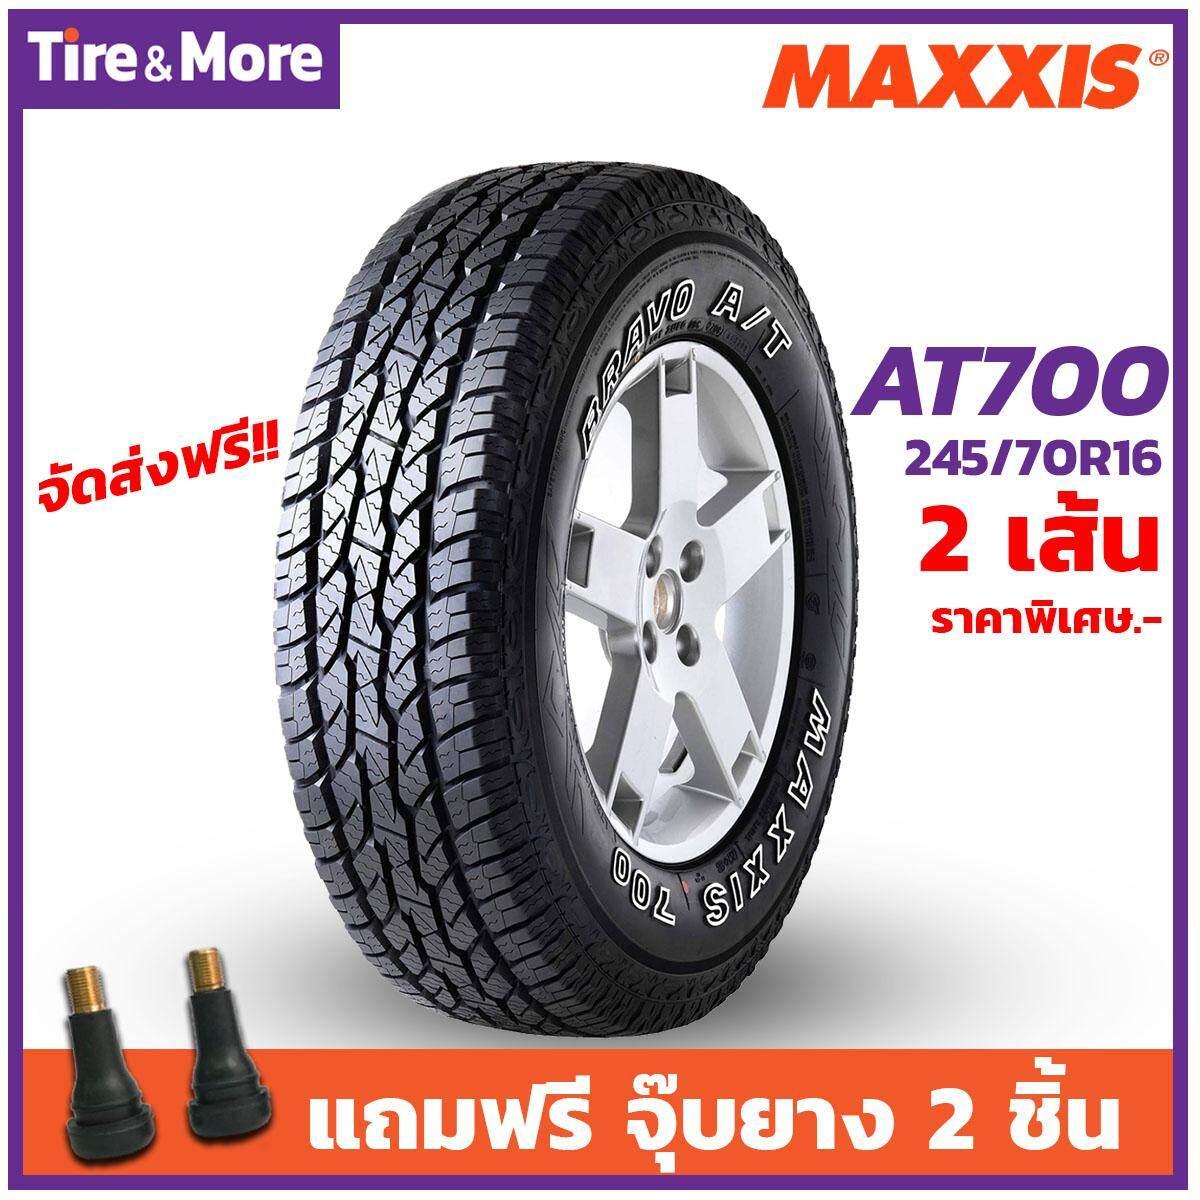 245/70r16 ยางรถยนต์ Maxxis At700 2 เส้น [แถมฟรีจุ๊บลมยาง 2 ชิ้น] แม็กซิส.